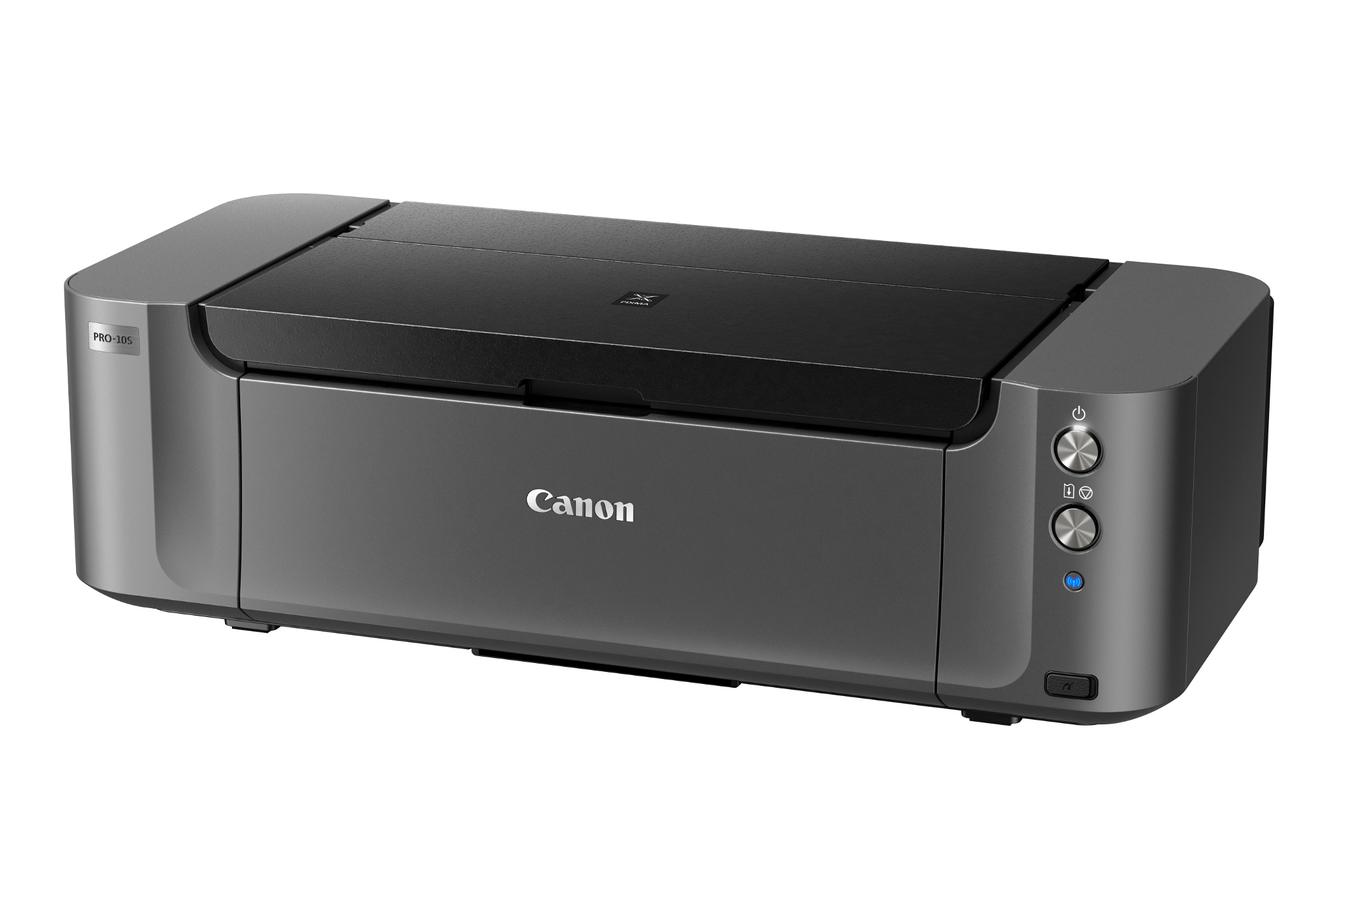 Imprimante photo canon pixma pro 10s 4085256 darty - Imprimante chez darty ...